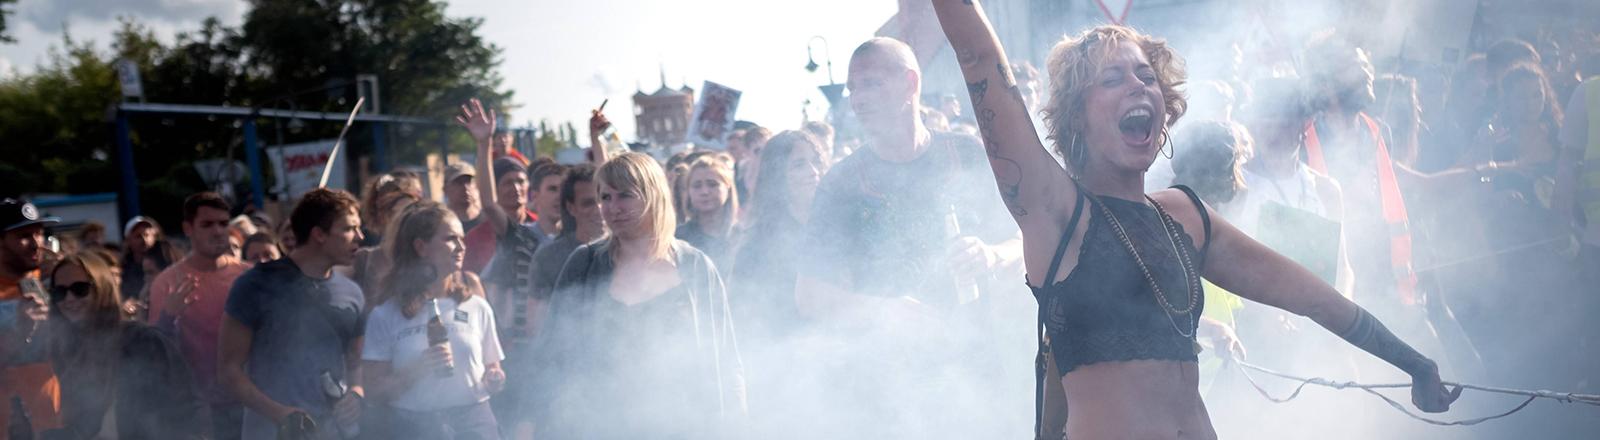 Eine Person tanzt in einer Menschenmenge und ist in Nebel gehüllt.